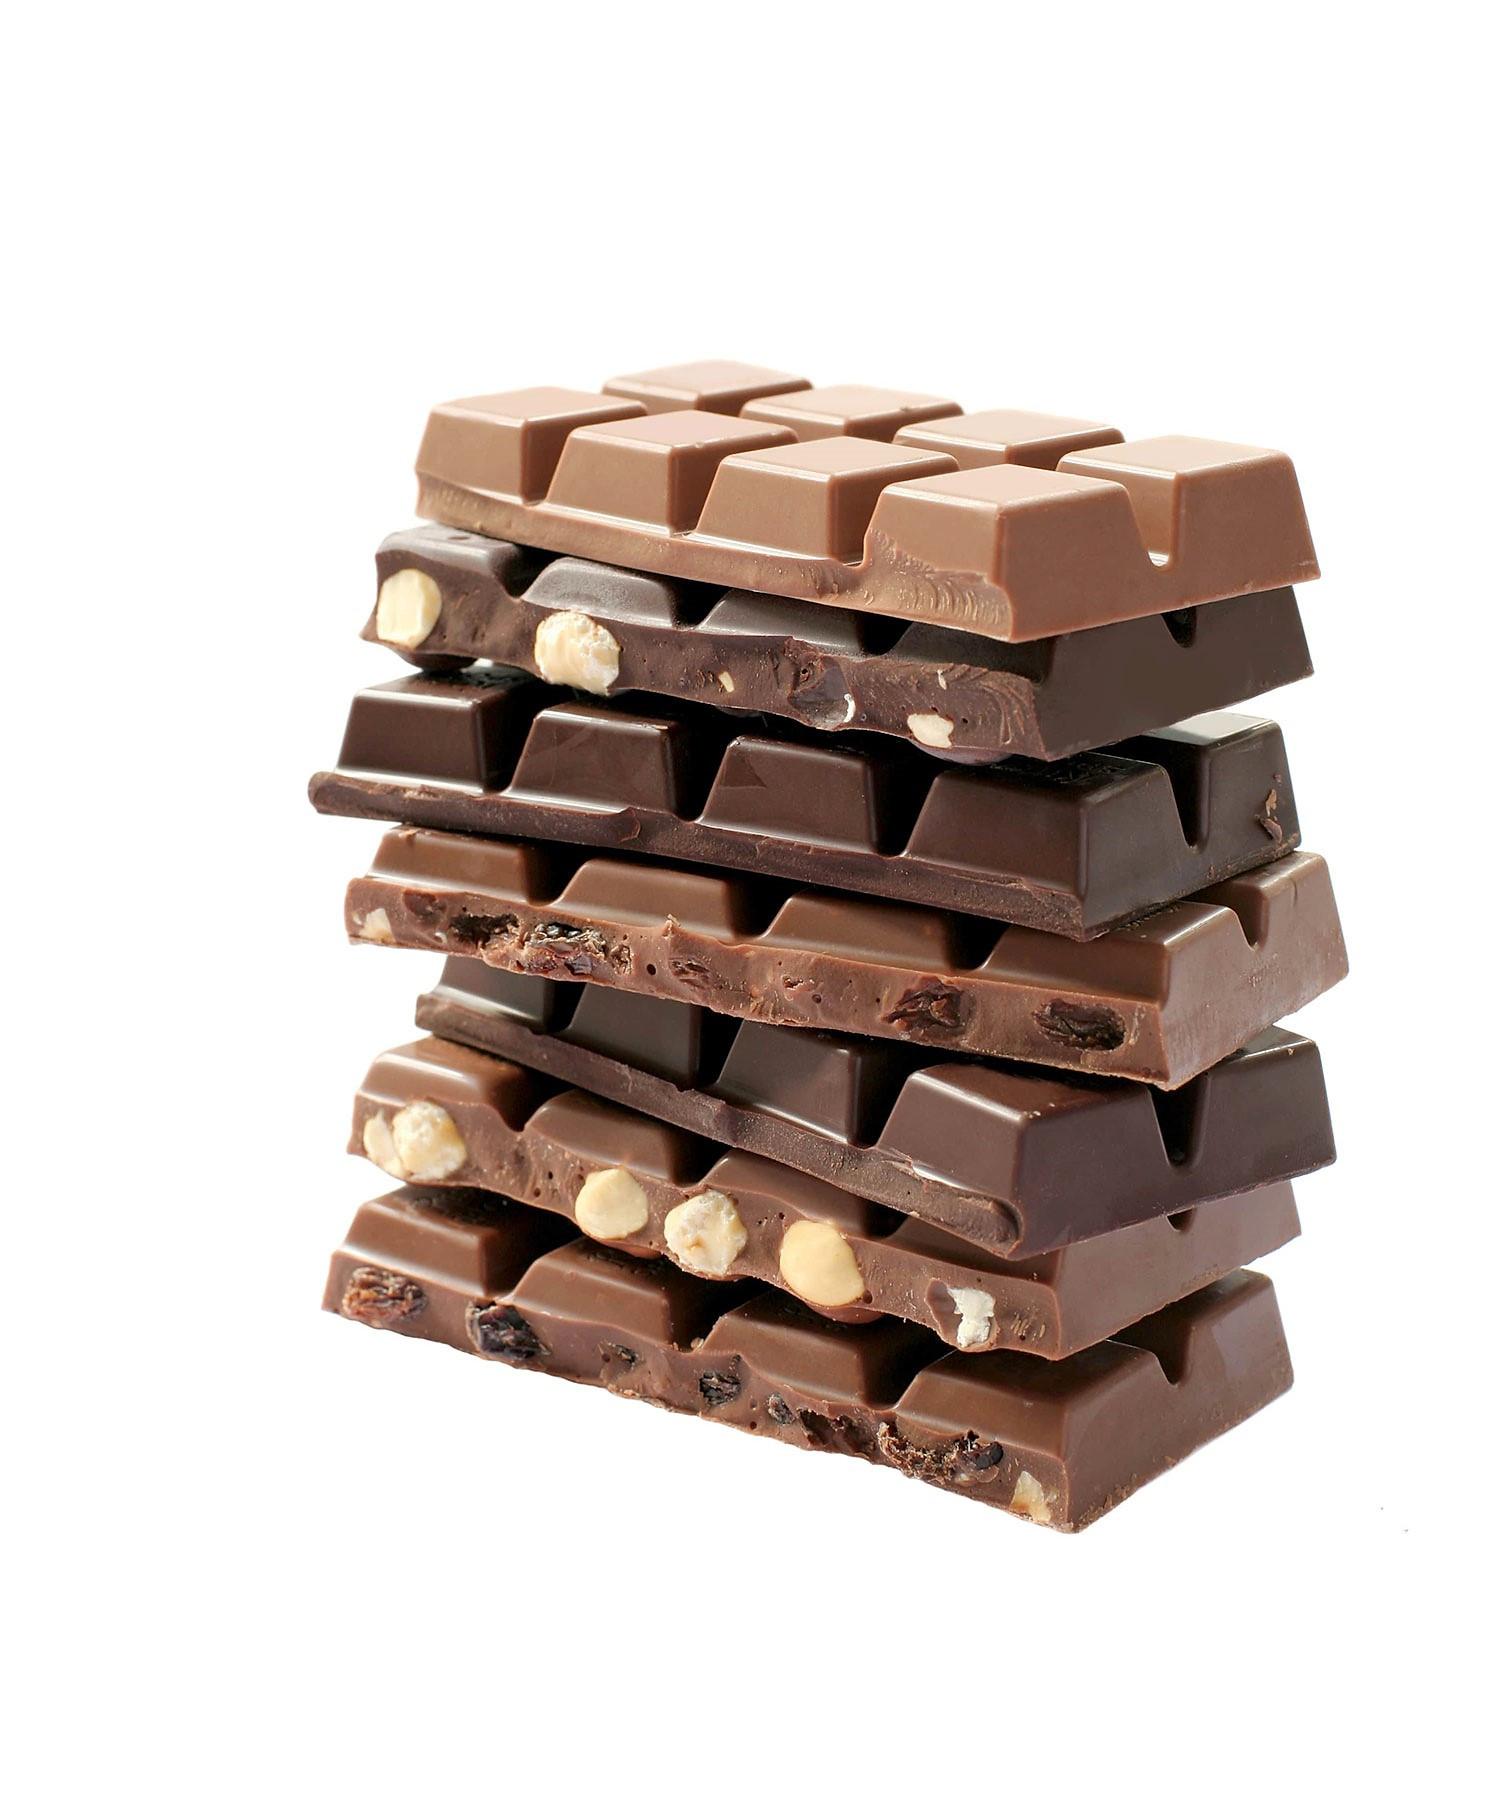 Ecuadorchocolate